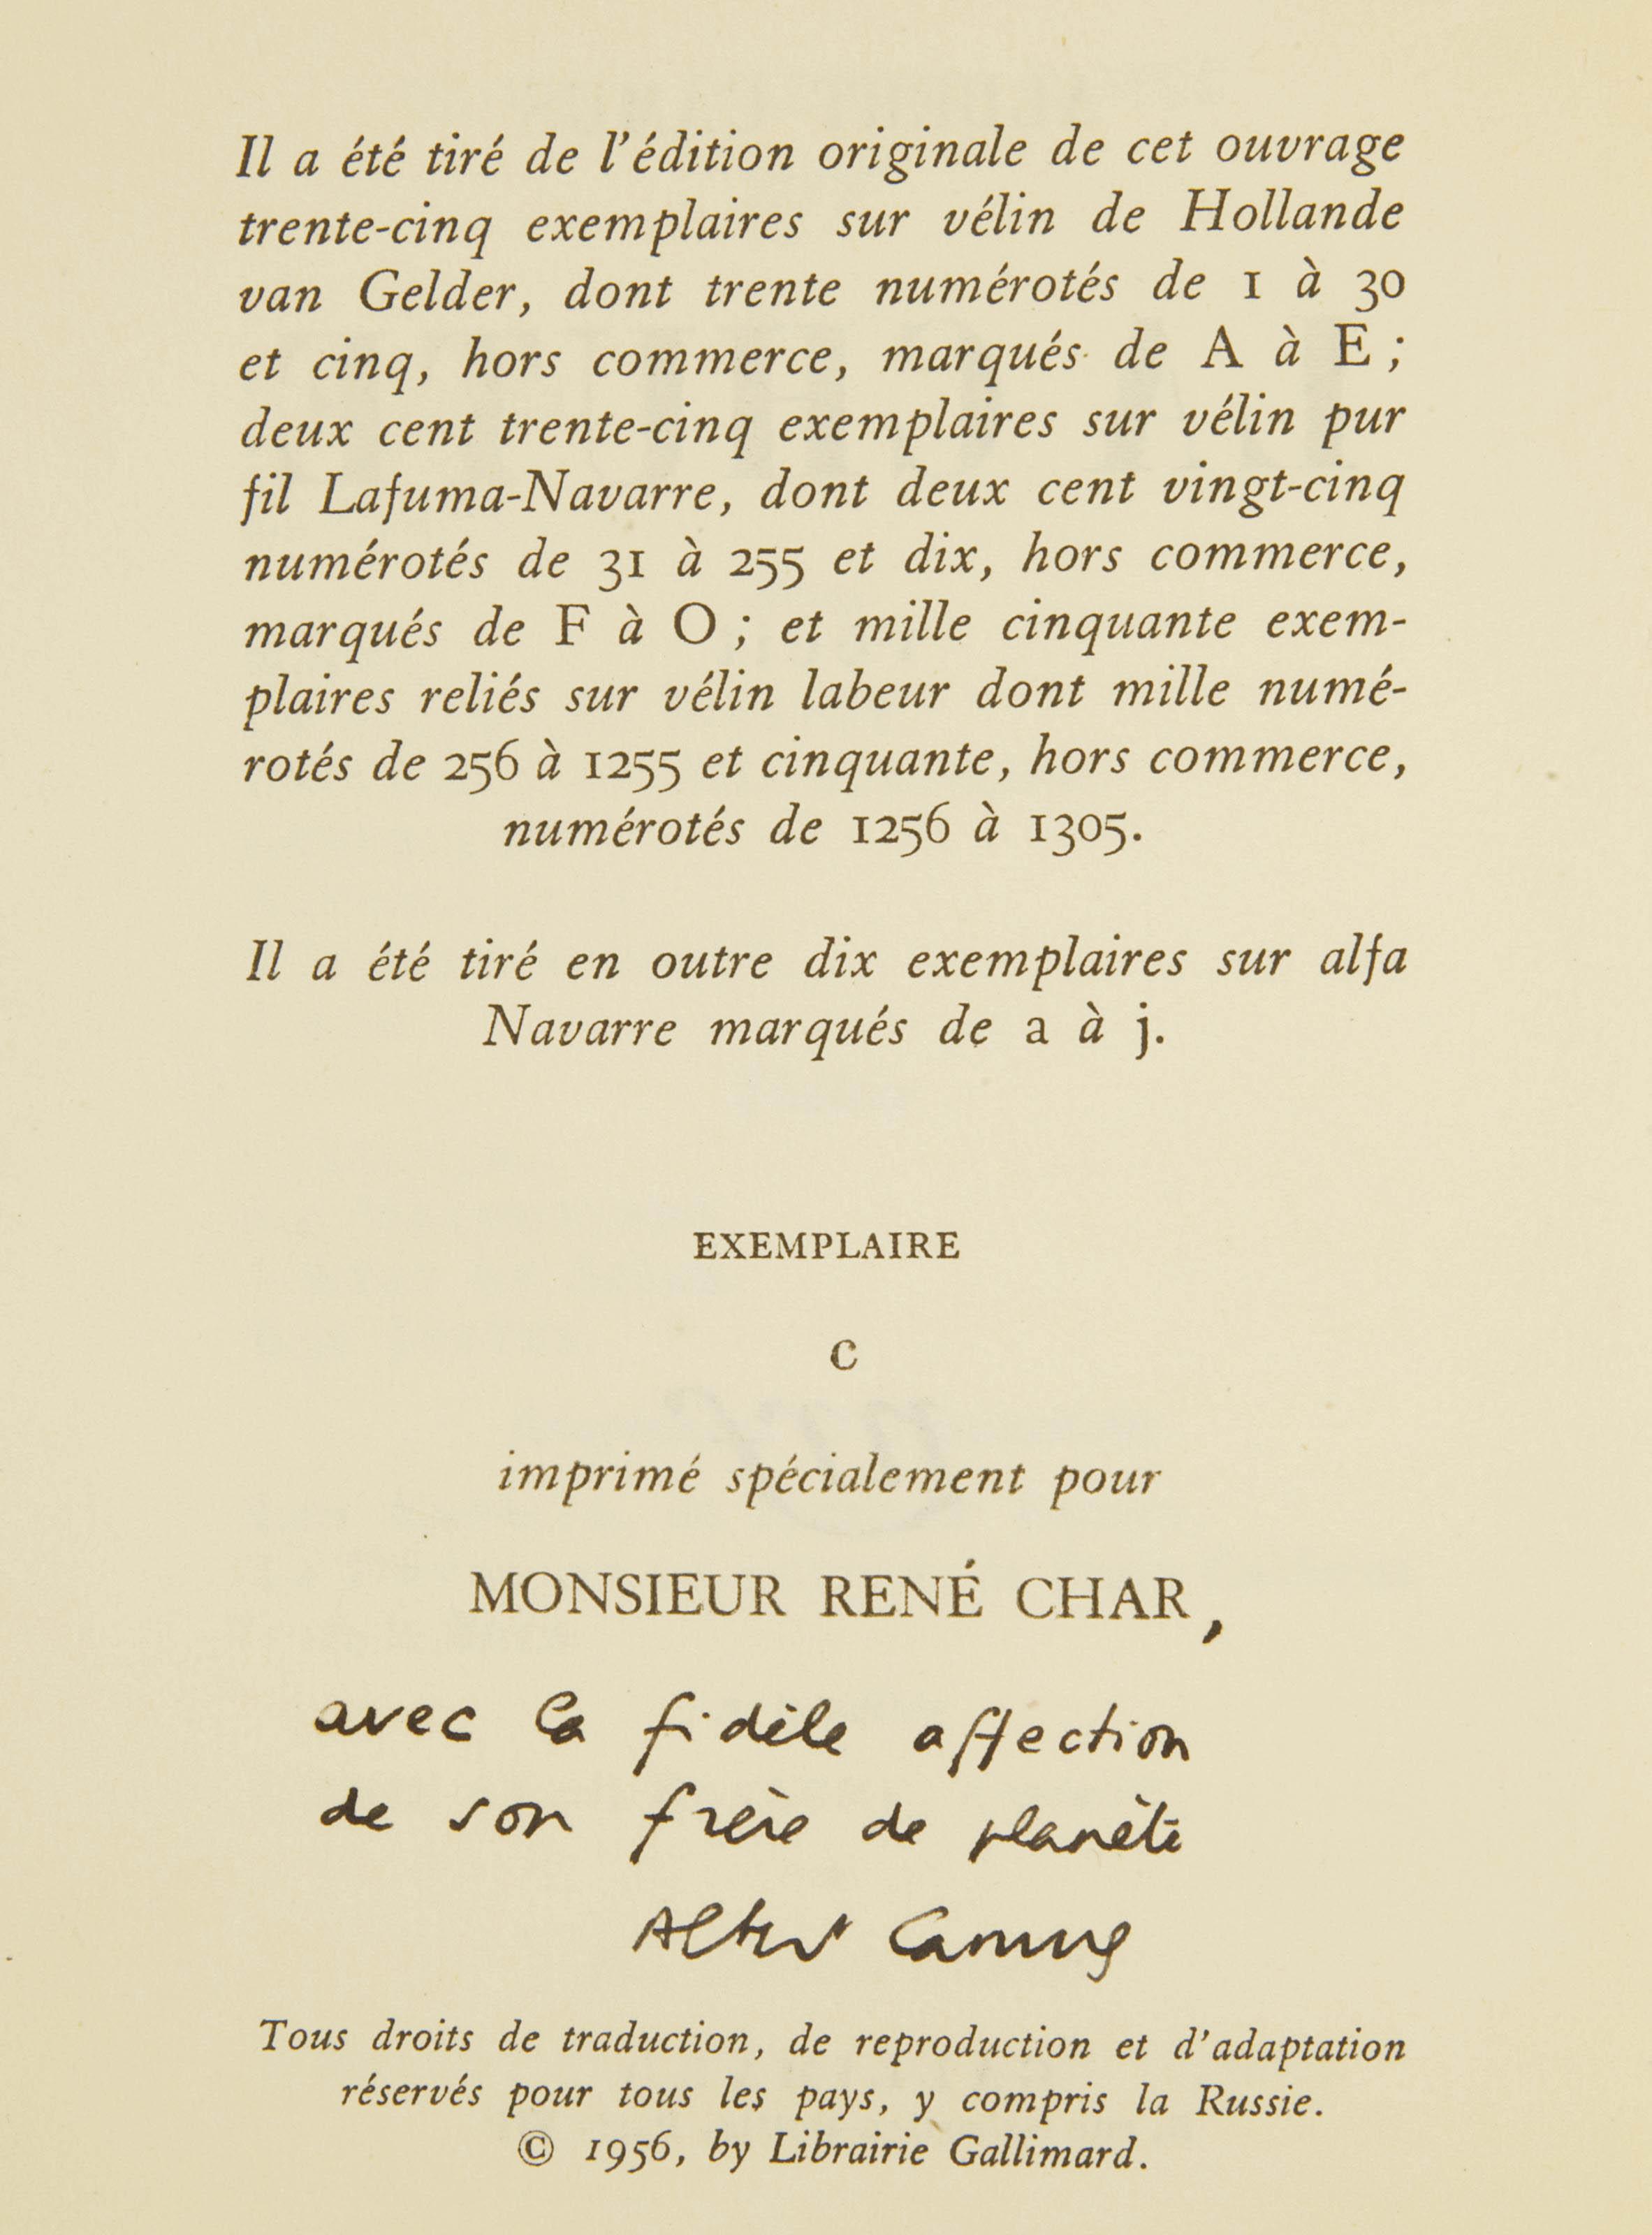 CAMUS, Albert (1913-1960). La Chute. Récit. Paris: NRF, 1956.